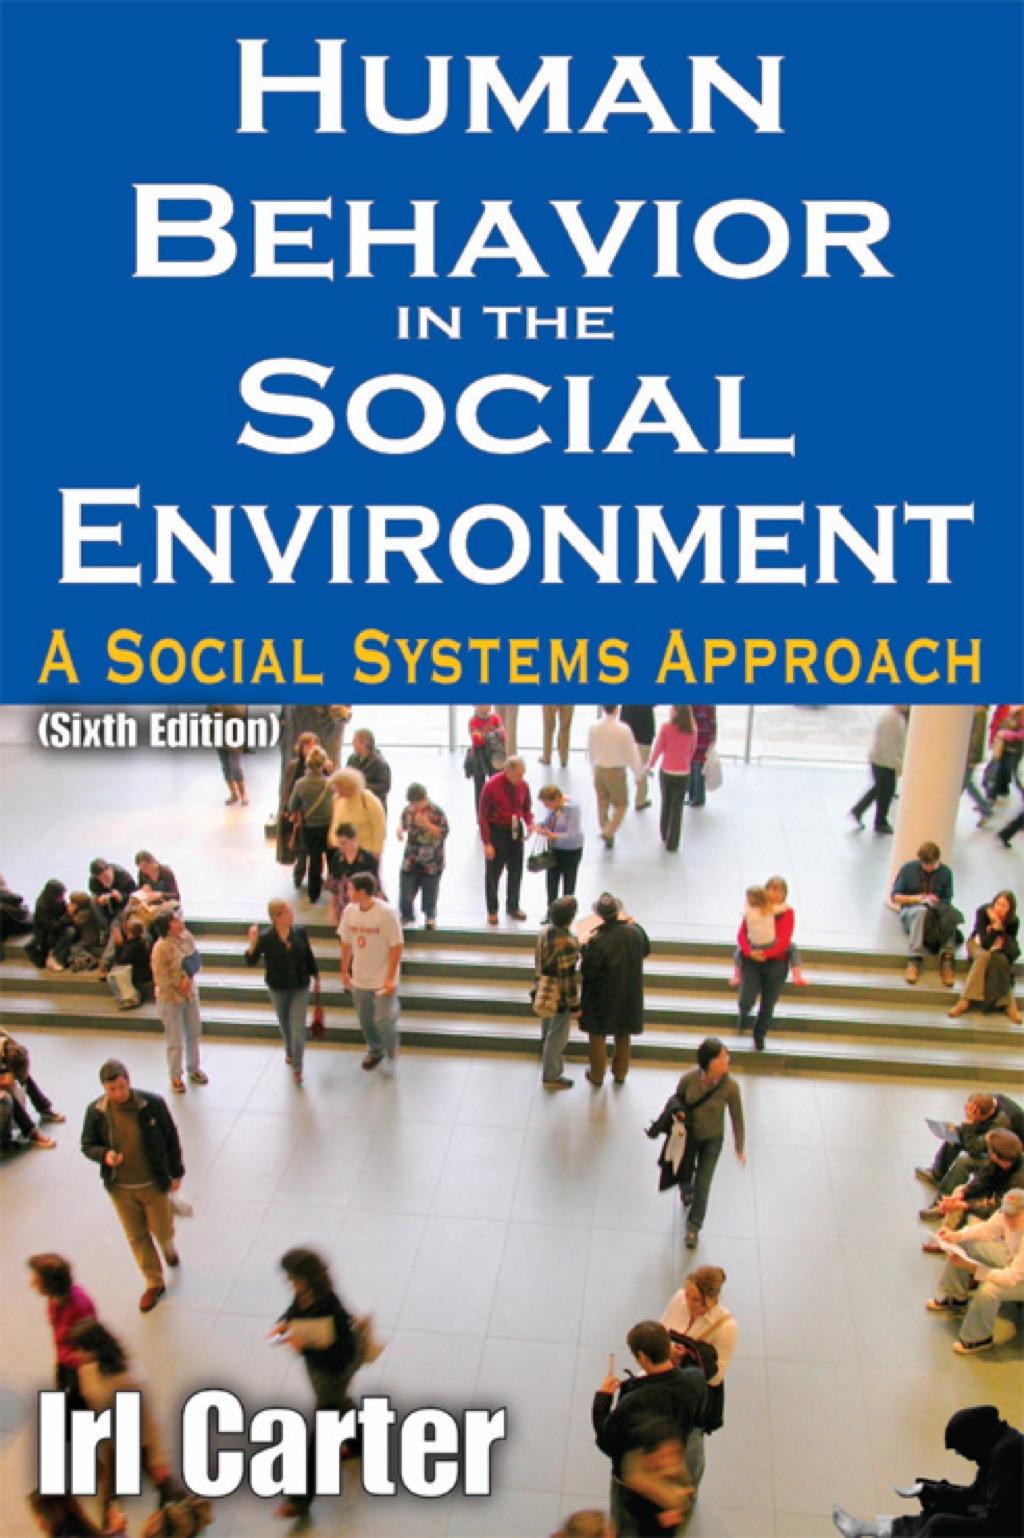 Human Behavior in the Social Environment (eBook)